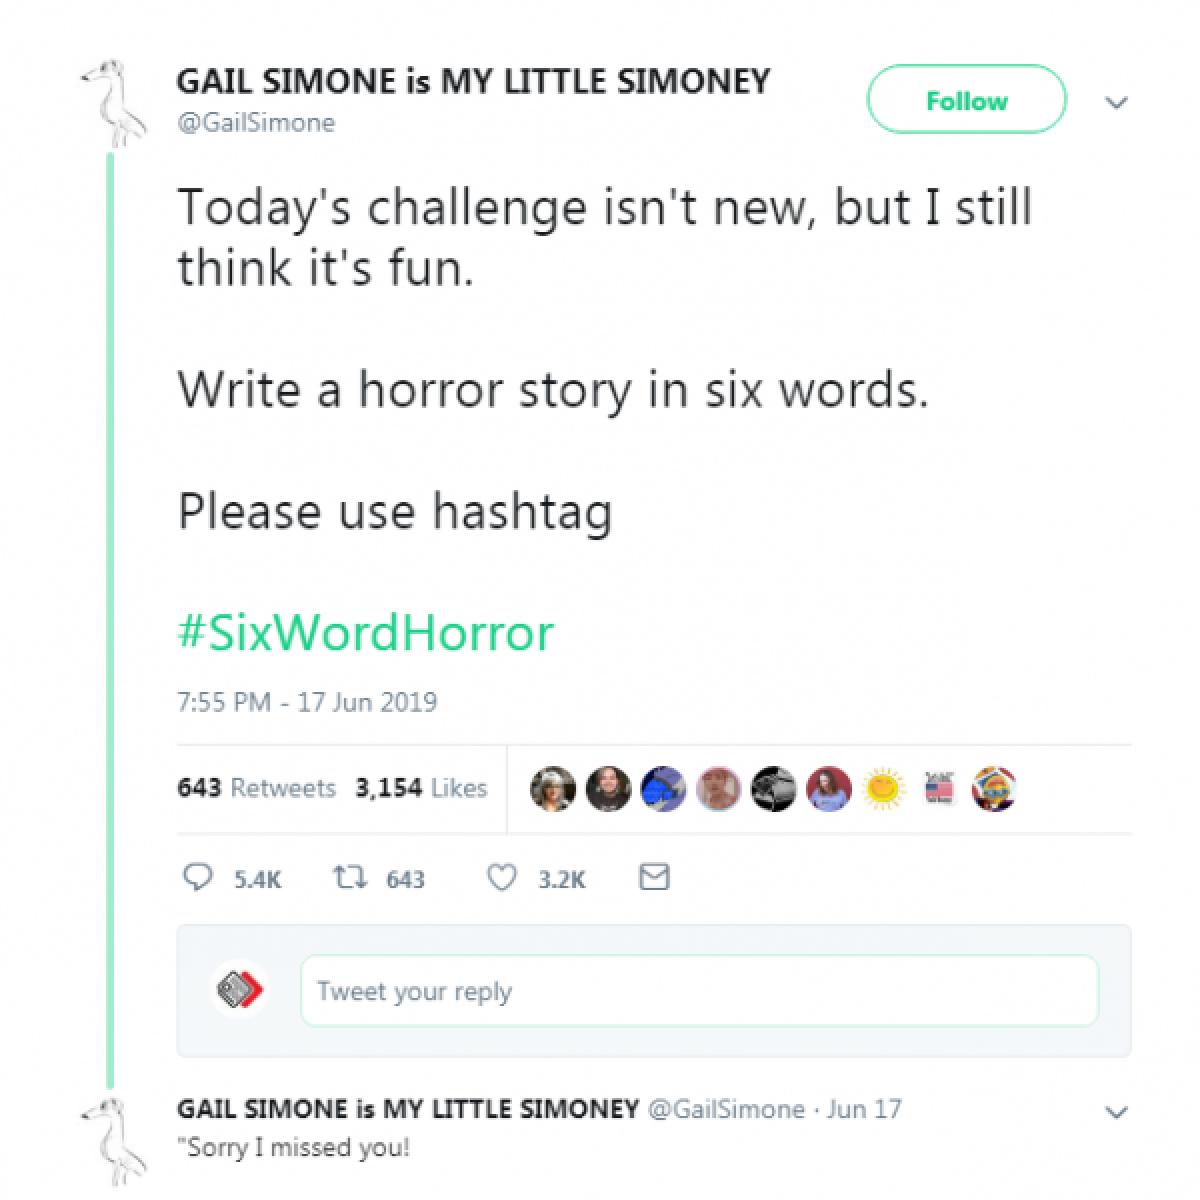 இணையத்தைத் திகிலாக்கும் #SixWordHorror டிரெண்ட்!